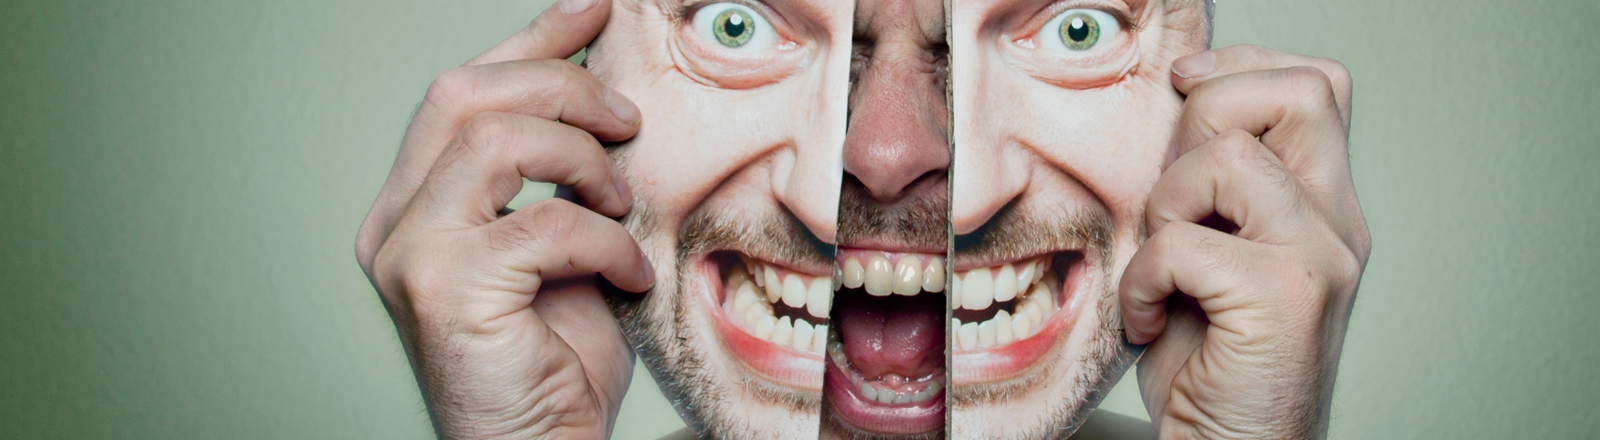 Schreiender Mann mit gespaltener Maske.